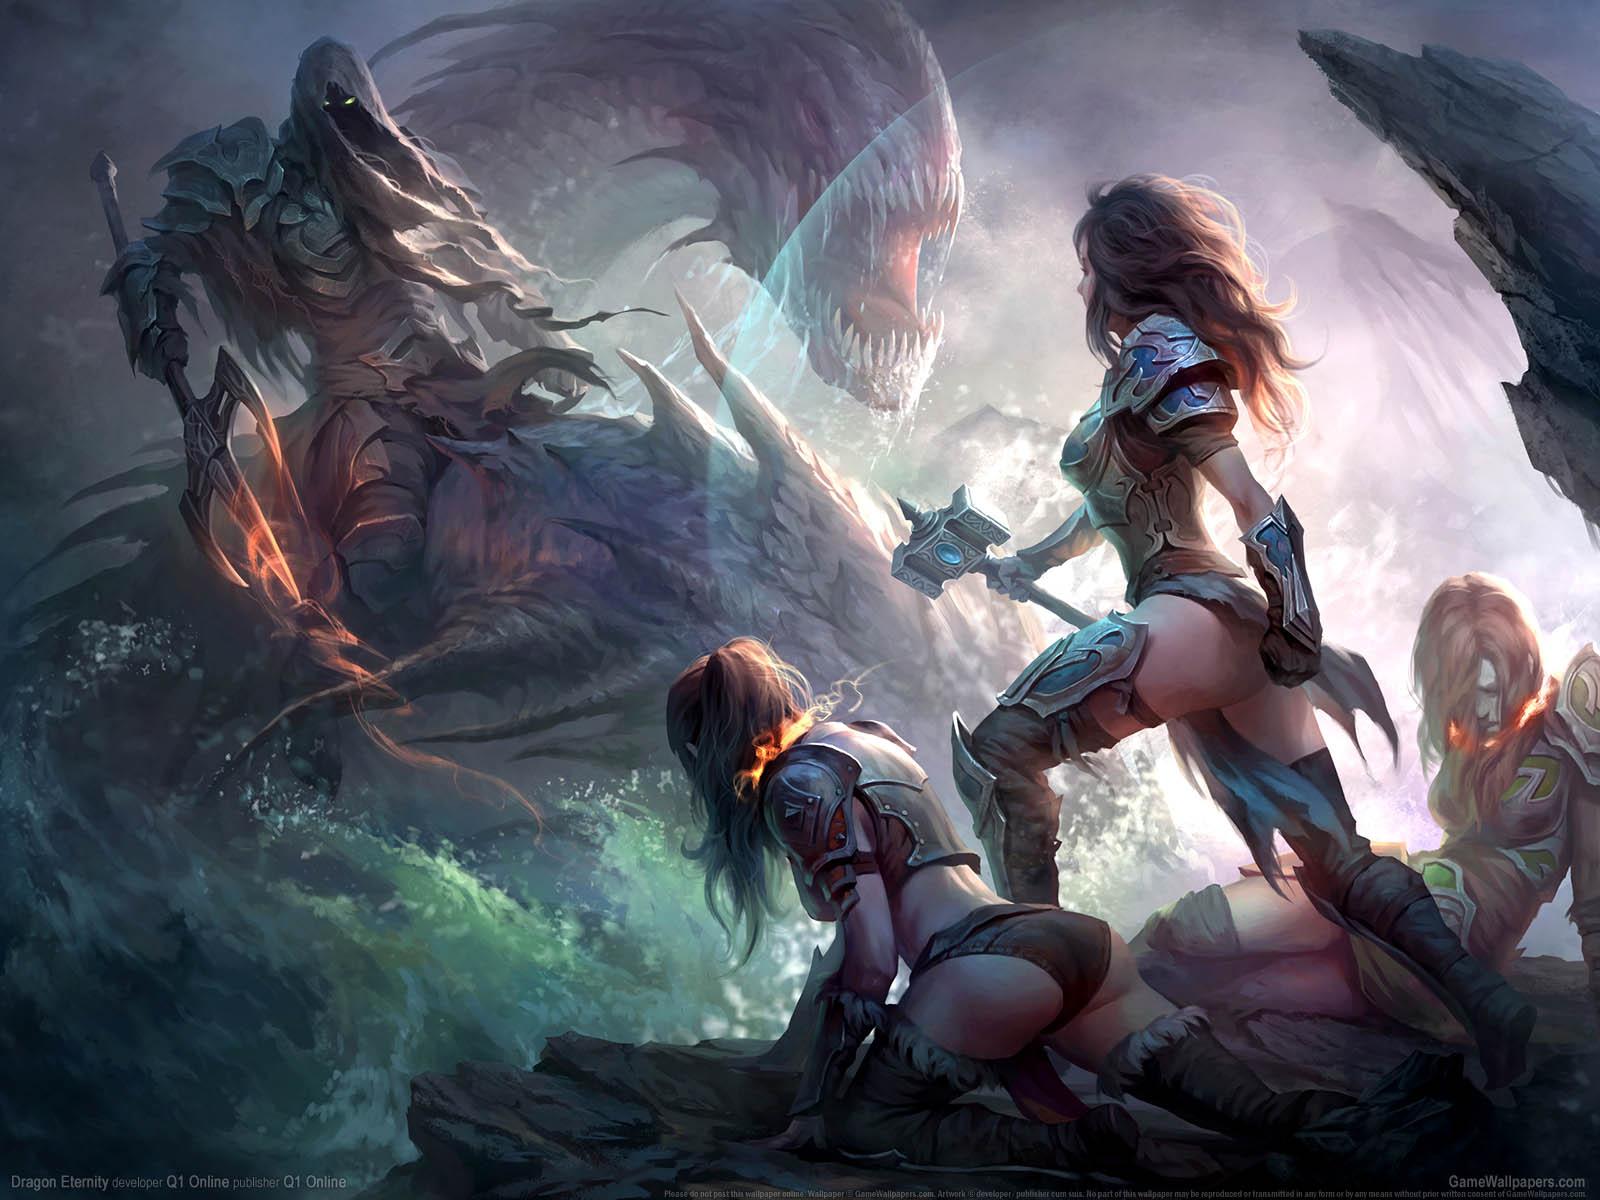 Dragon Eternityνmmer=08 achtergrond  1600x1200